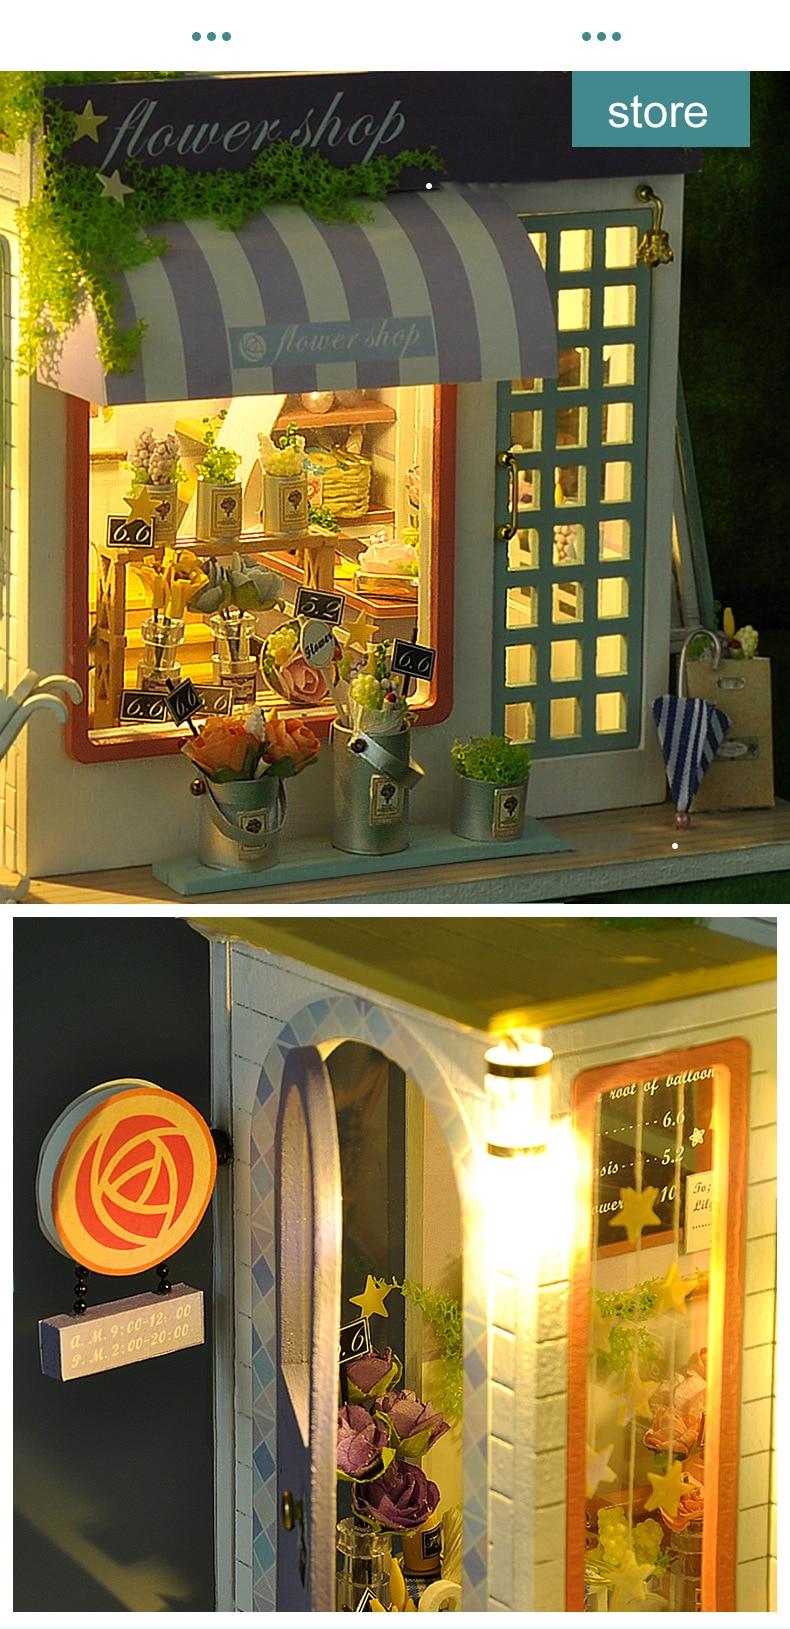 H27654b7de357449fa2bd1152692ec9d7Z - Robotime - DIY Models, DIY Miniature Houses, 3d Wooden Puzzle